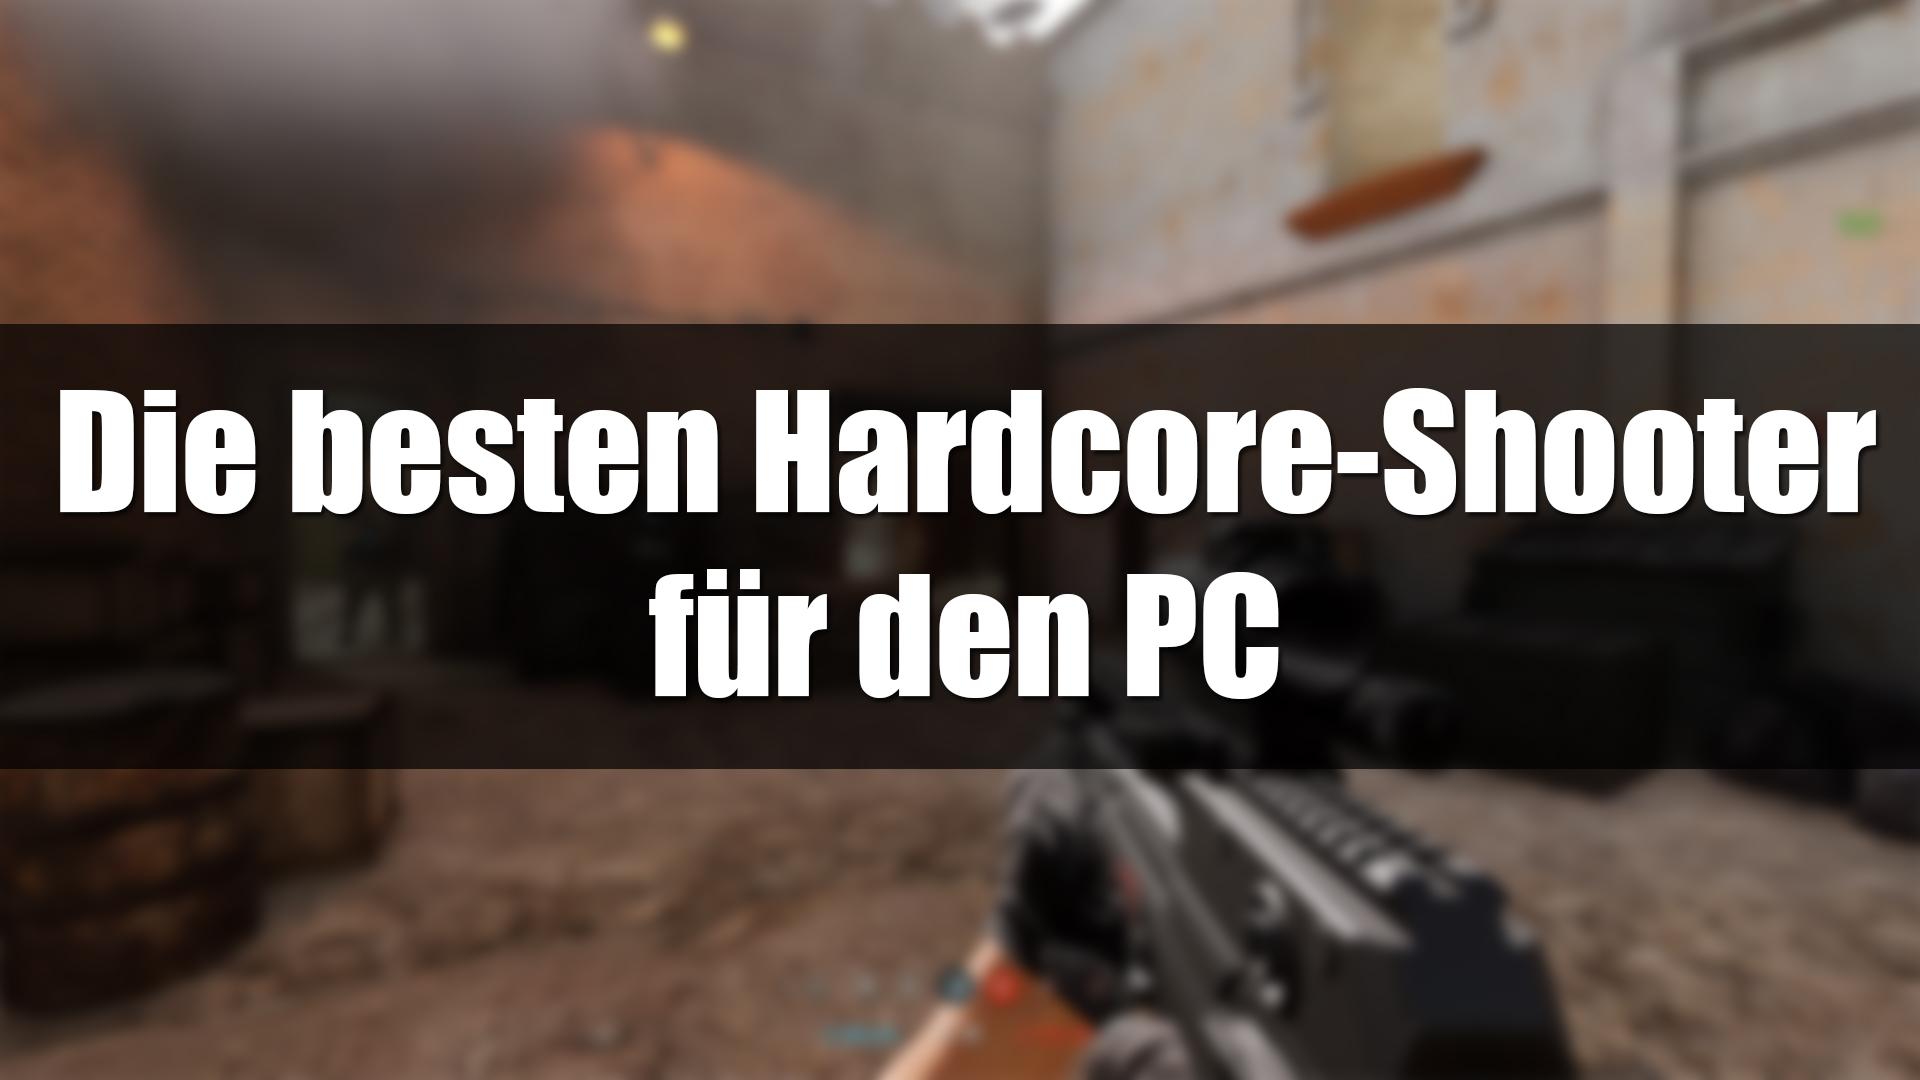 Die besten Hardcore-Shooter für den PC